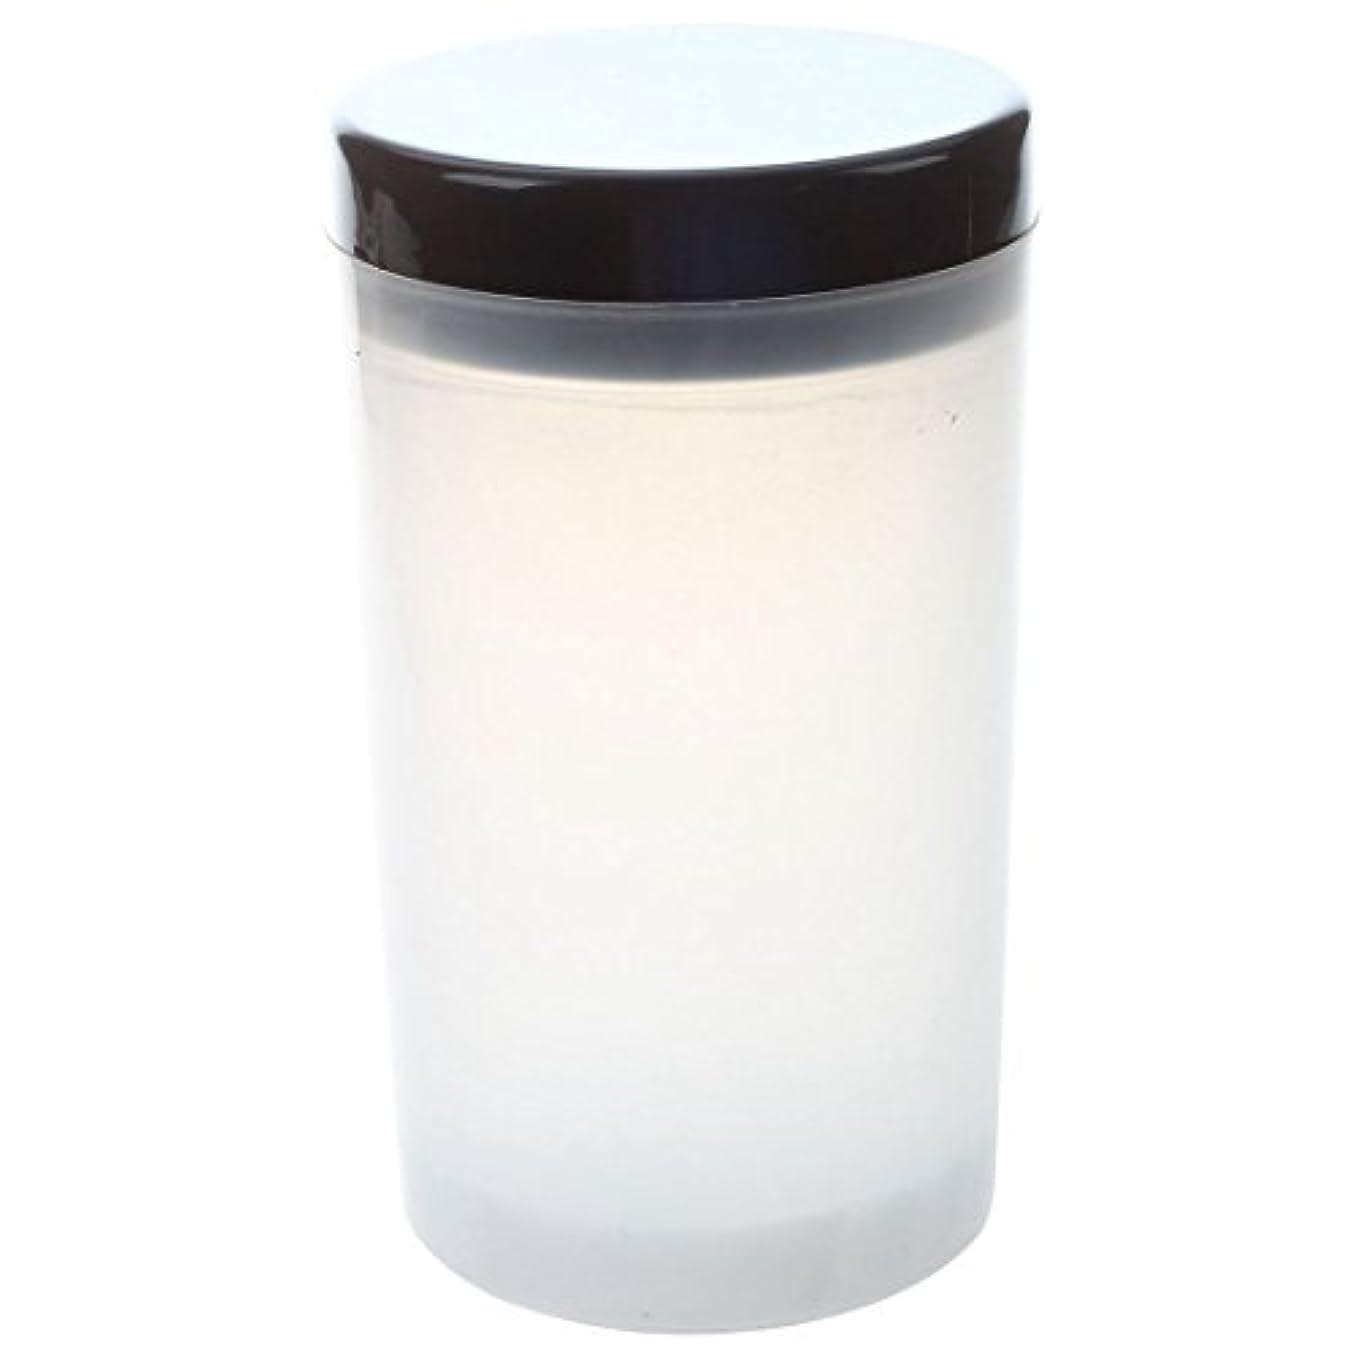 玉額慣性SODIAL ネイルアートチップブラシホルダー リムーバーカップカップ浸漬ブラシ クリーナーボトル